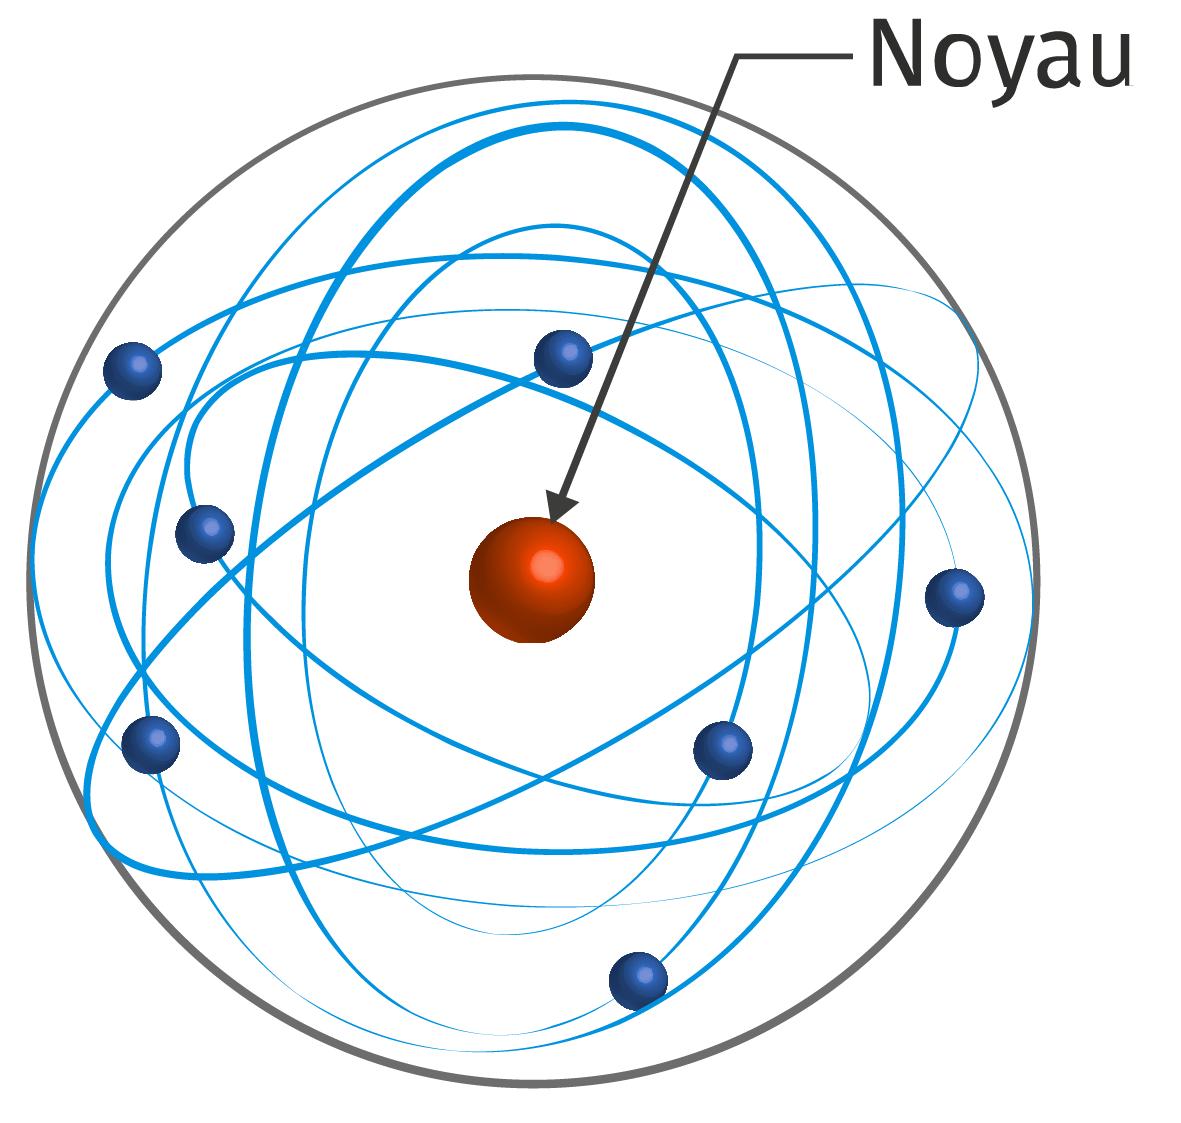 Noyau positif avec des électrons qui orbitent autour. Entre les deux, du vide